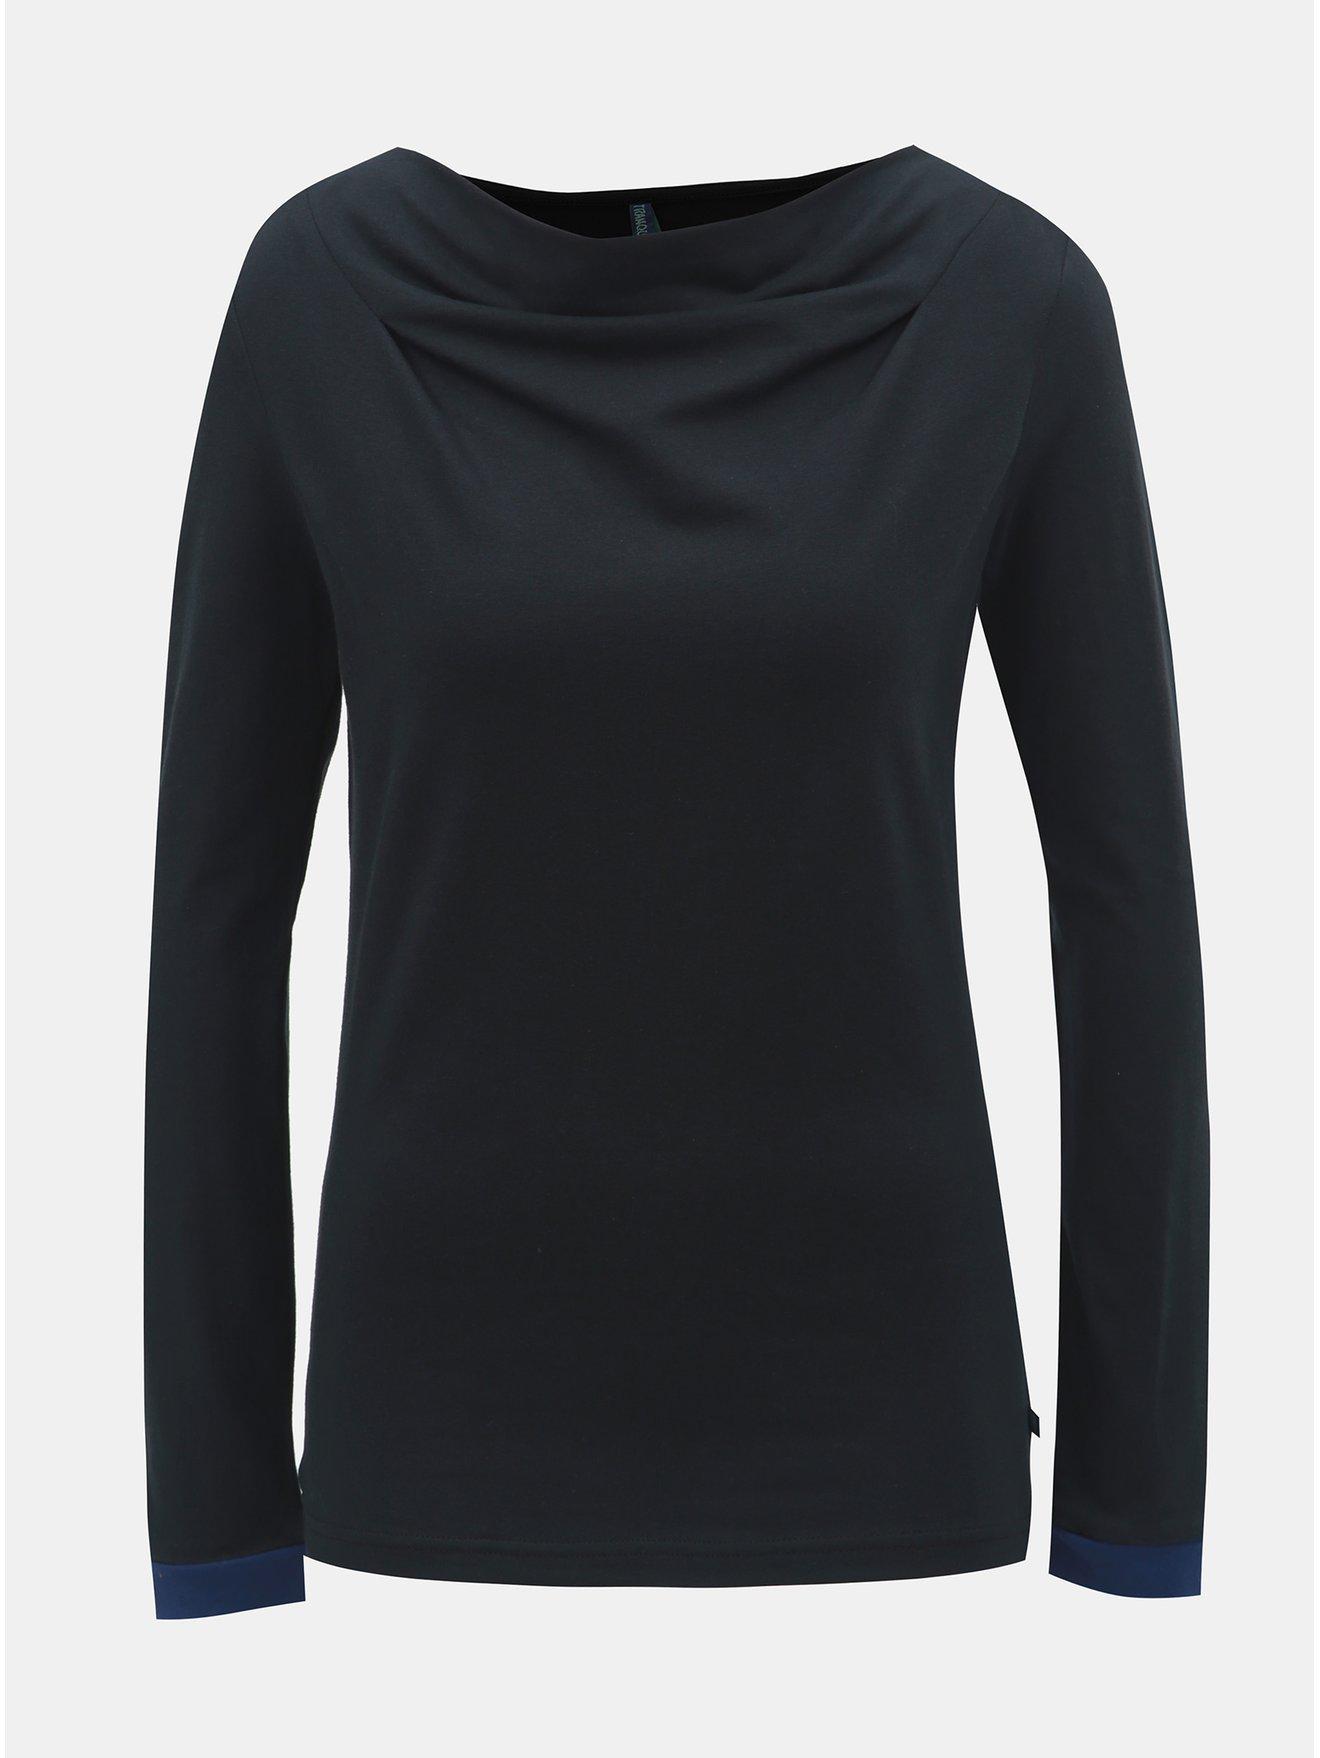 ab66958622c Černé tričko s dlouhým rukávem Tranquillo Anahita